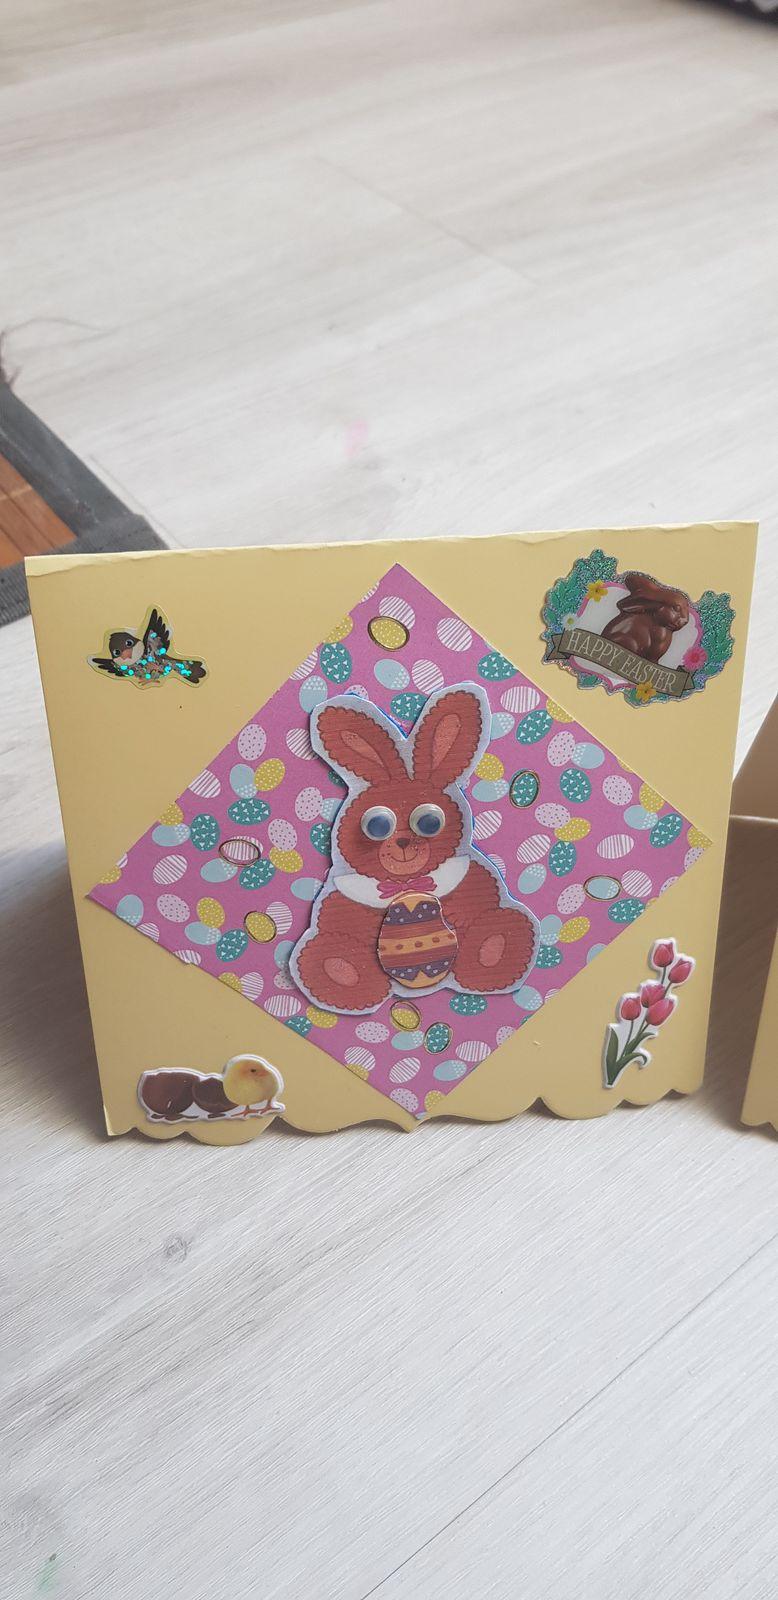 Puis Lucie et Leonie m ont inspiré  avec leur petites cartes pendant les vacances alors j ai copié